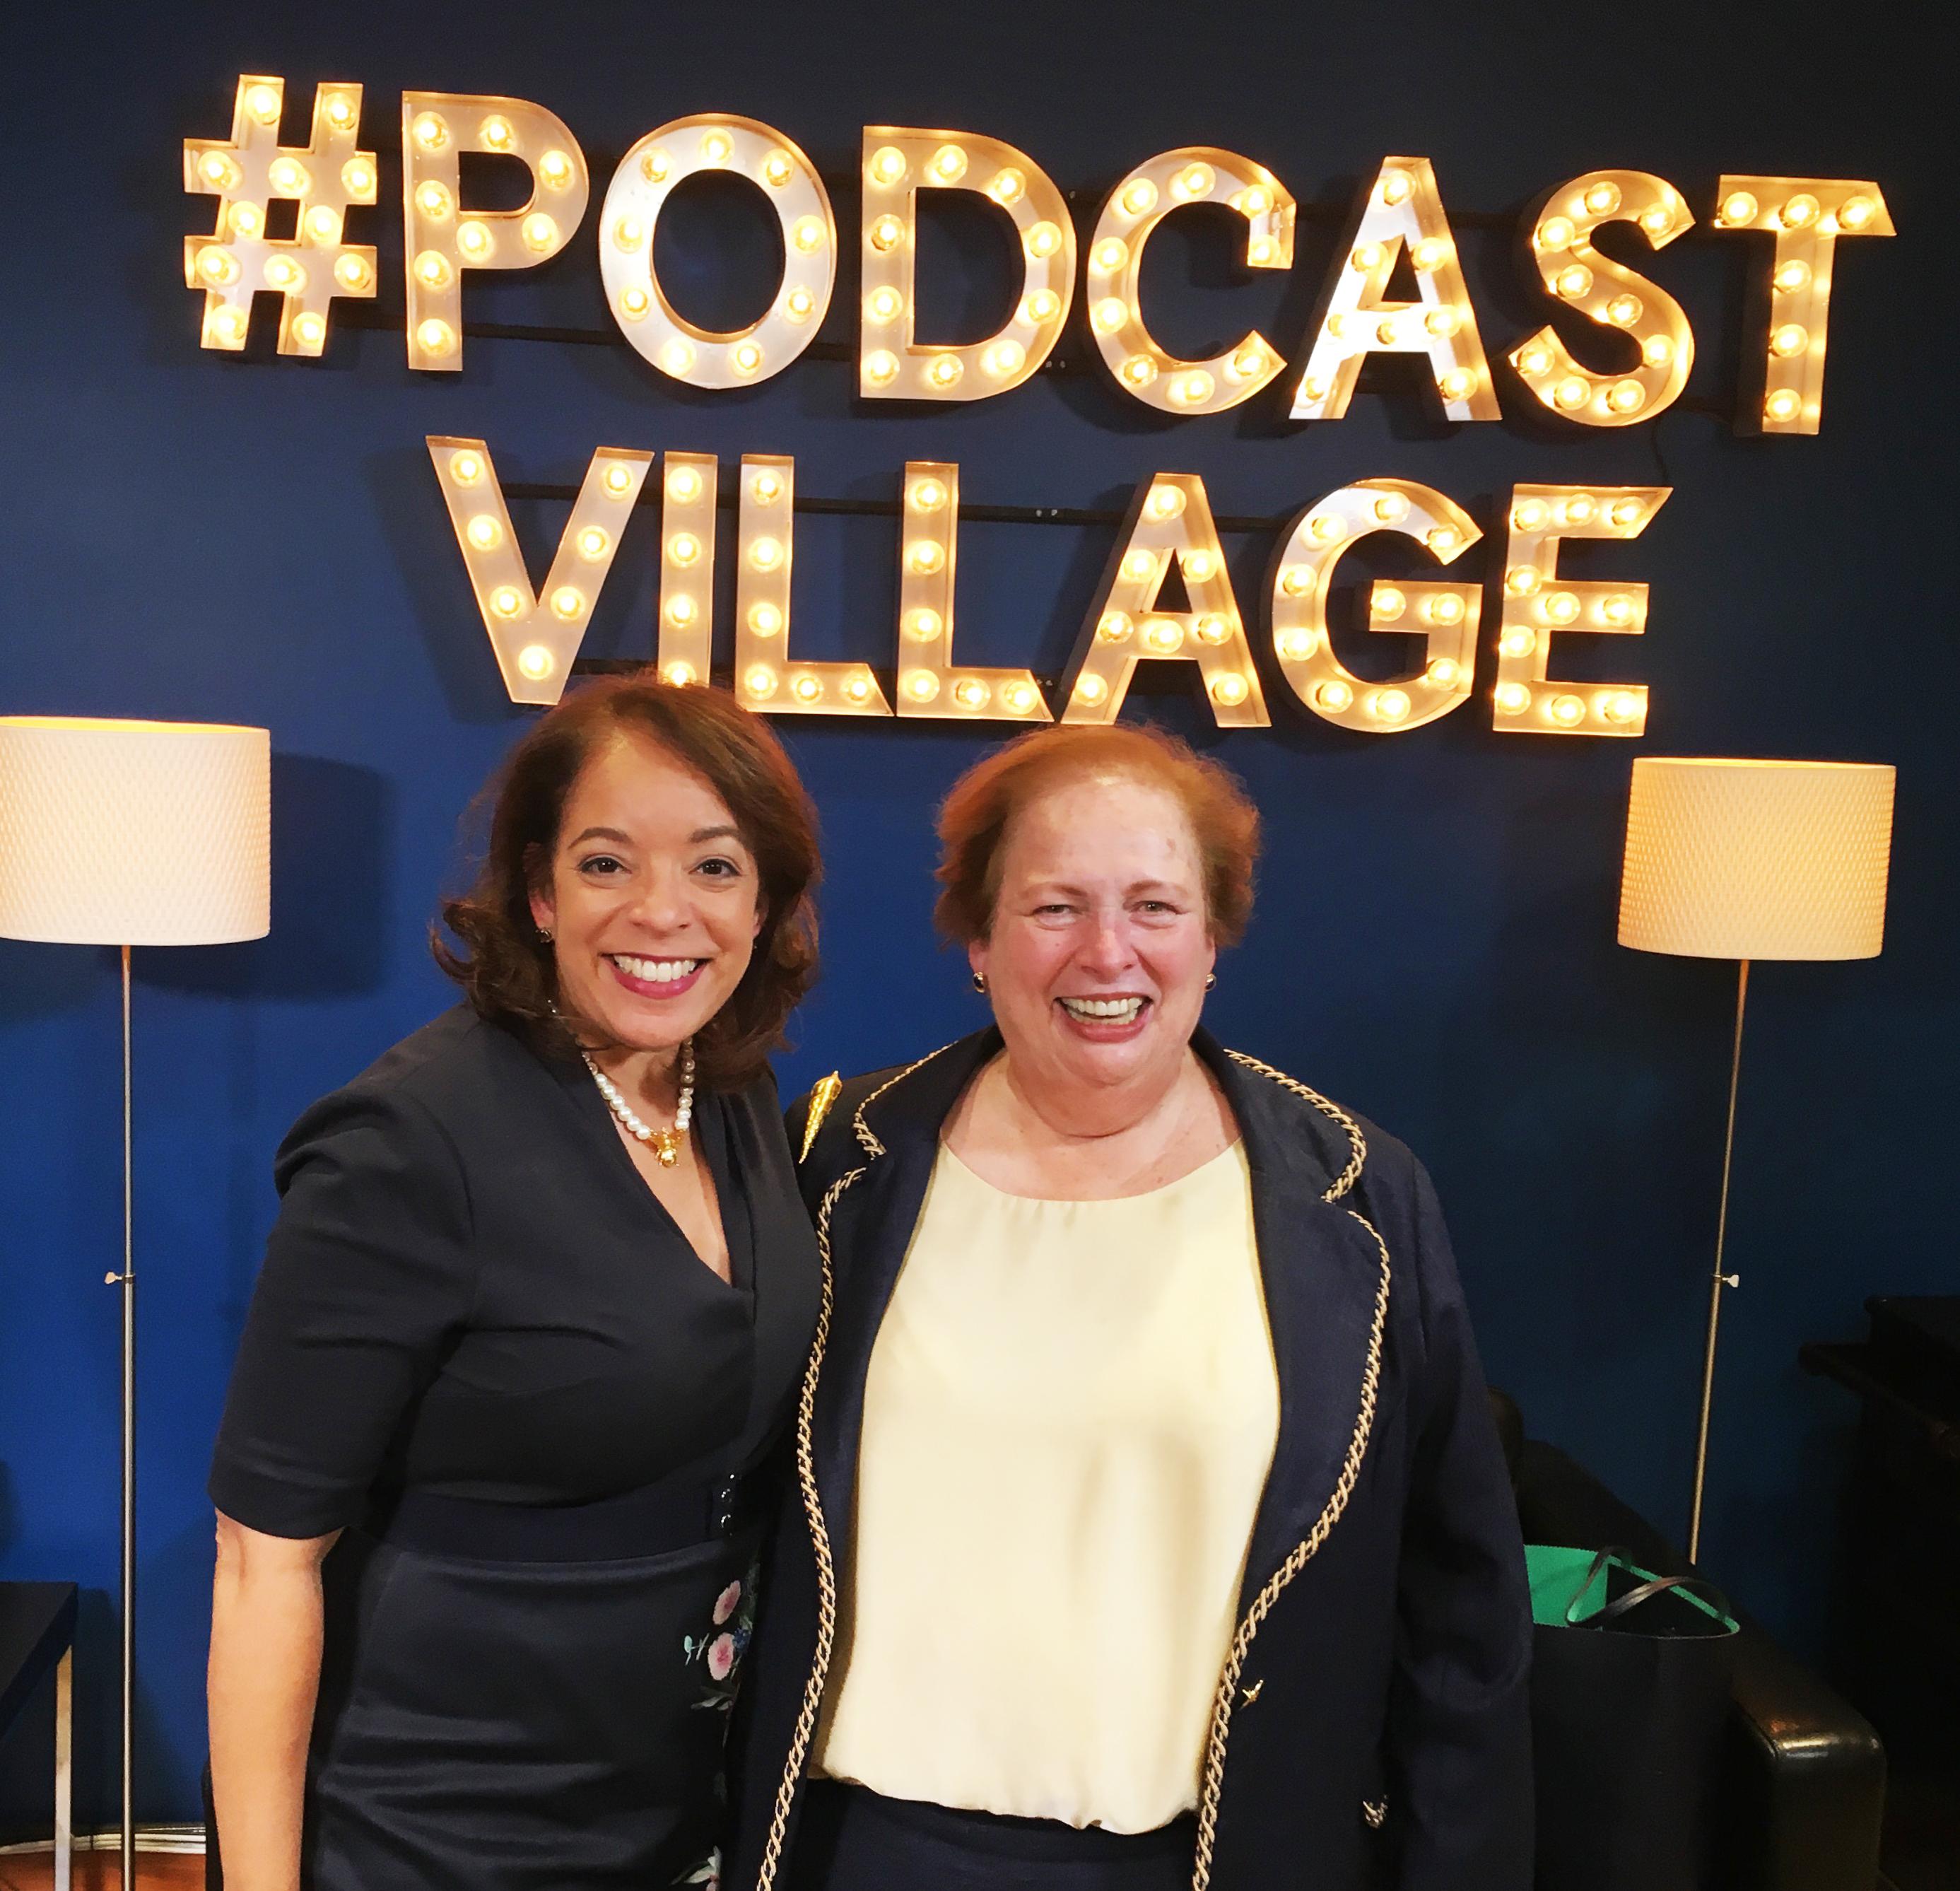 Alejandra Y. Castillo with Ambassador Aponte